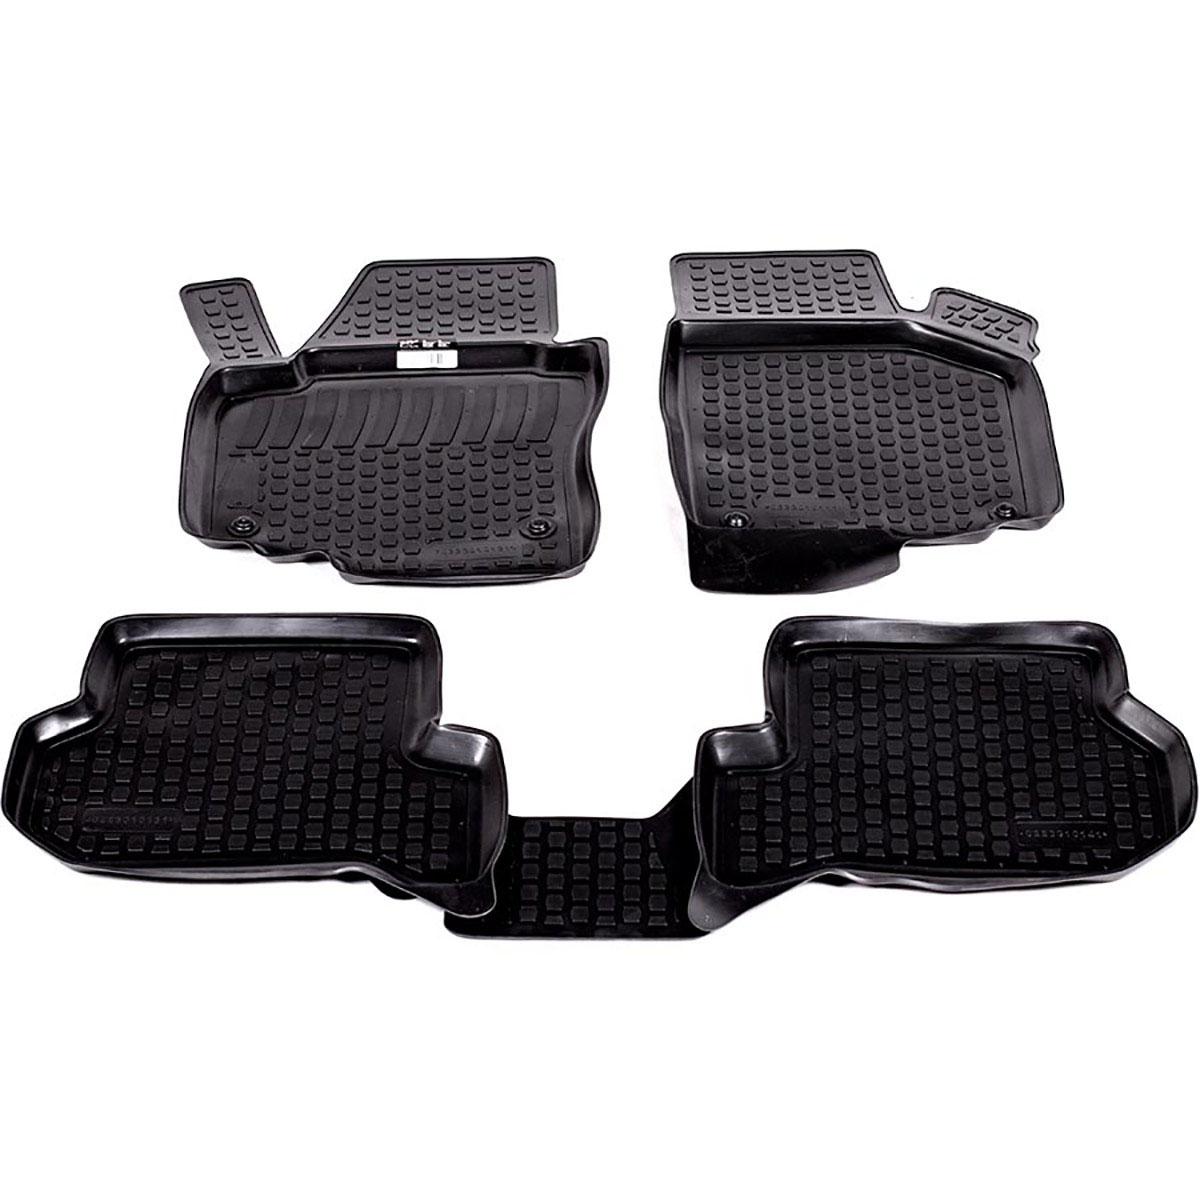 Коврики в салон автомобиля L.Locker, для Seat Altea Freetrack (07-), 4 шт0205060101Коврики L.Locker производятся индивидуально для каждой модели автомобиля из современного и экологически чистого материала. Изделия точно повторяют геометрию пола автомобиля, имеют высокий борт, обладают повышенной износоустойчивостью, антискользящими свойствами, лишены резкого запаха и сохраняют свои потребительские свойства в широком диапазоне температур (от -50°С до +80°С). Рисунок ковриков специально спроектирован для уменьшения скольжения ног водителя и имеет достаточную глубину, препятствующую свободному перемещению жидкости и грязи на поверхности. Одновременно с этим рисунок не создает дискомфорта при вождении автомобиля. Водительский ковер с предустановленными креплениями фиксируется на штатные места в полу салона автомобиля. Новая технология системы креплений герметична, не дает влаге и грязи проникать внутрь через крепеж на обшивку пола.